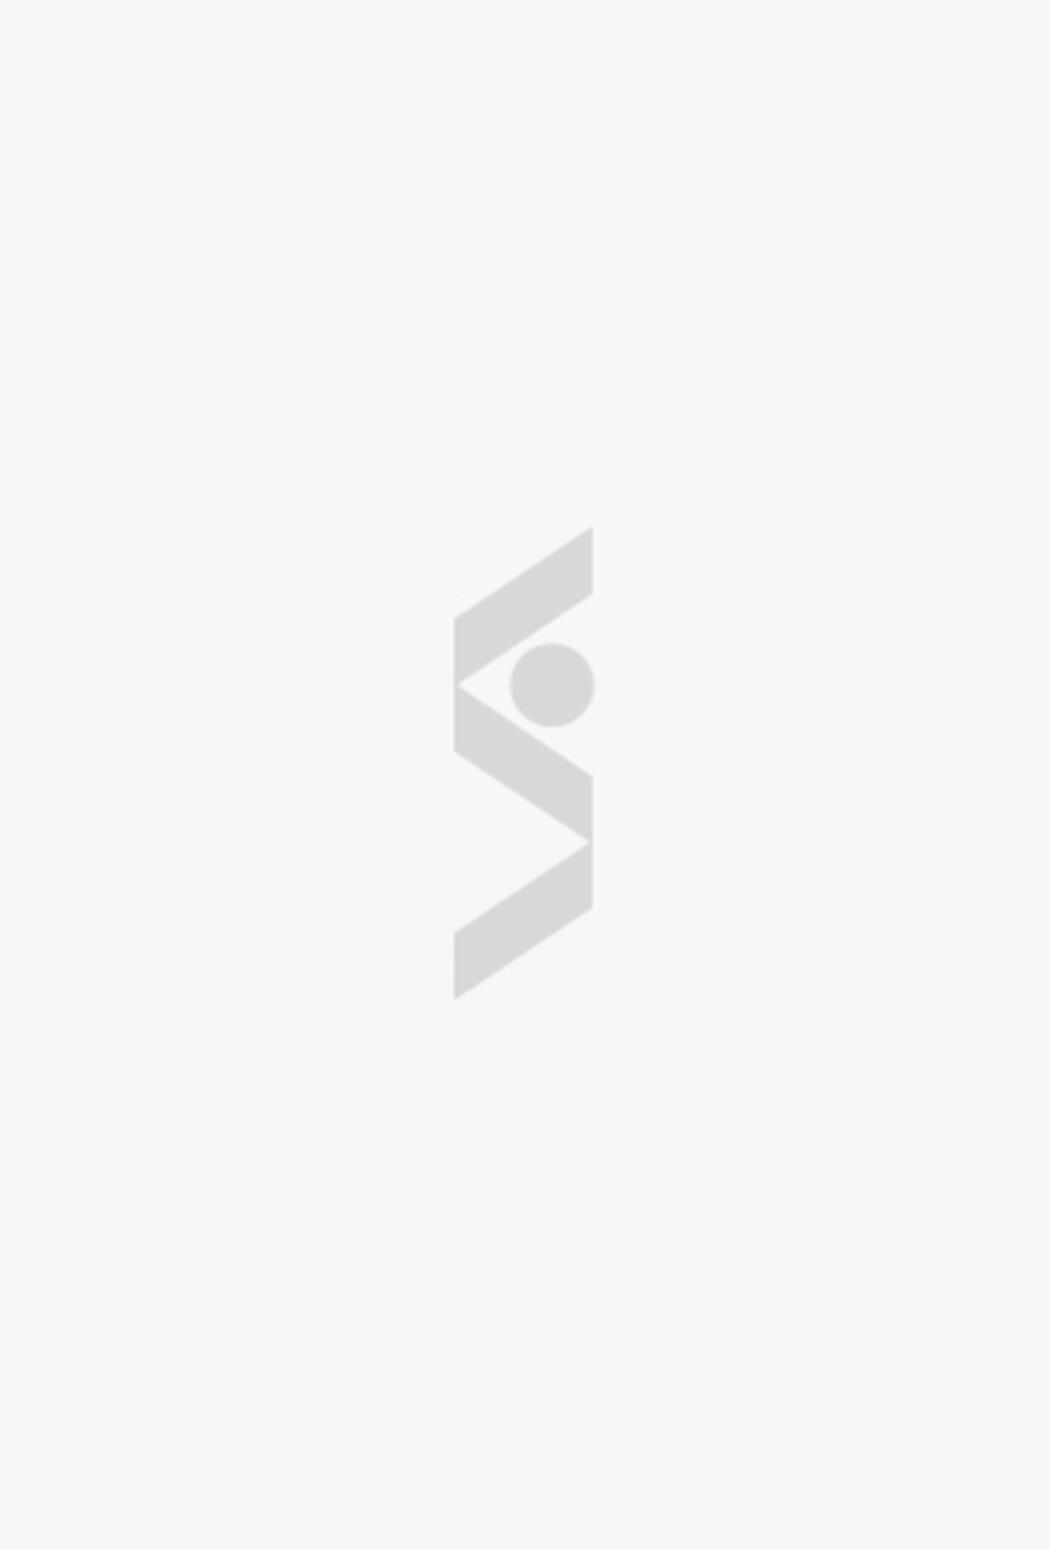 Юбка миди из вискозы BELUCCI - скоро в продаже в интернет-магазине СТОКМАНН в Москве BAFC85AF-910D-4DEB-A33F-6FEB126D97E3